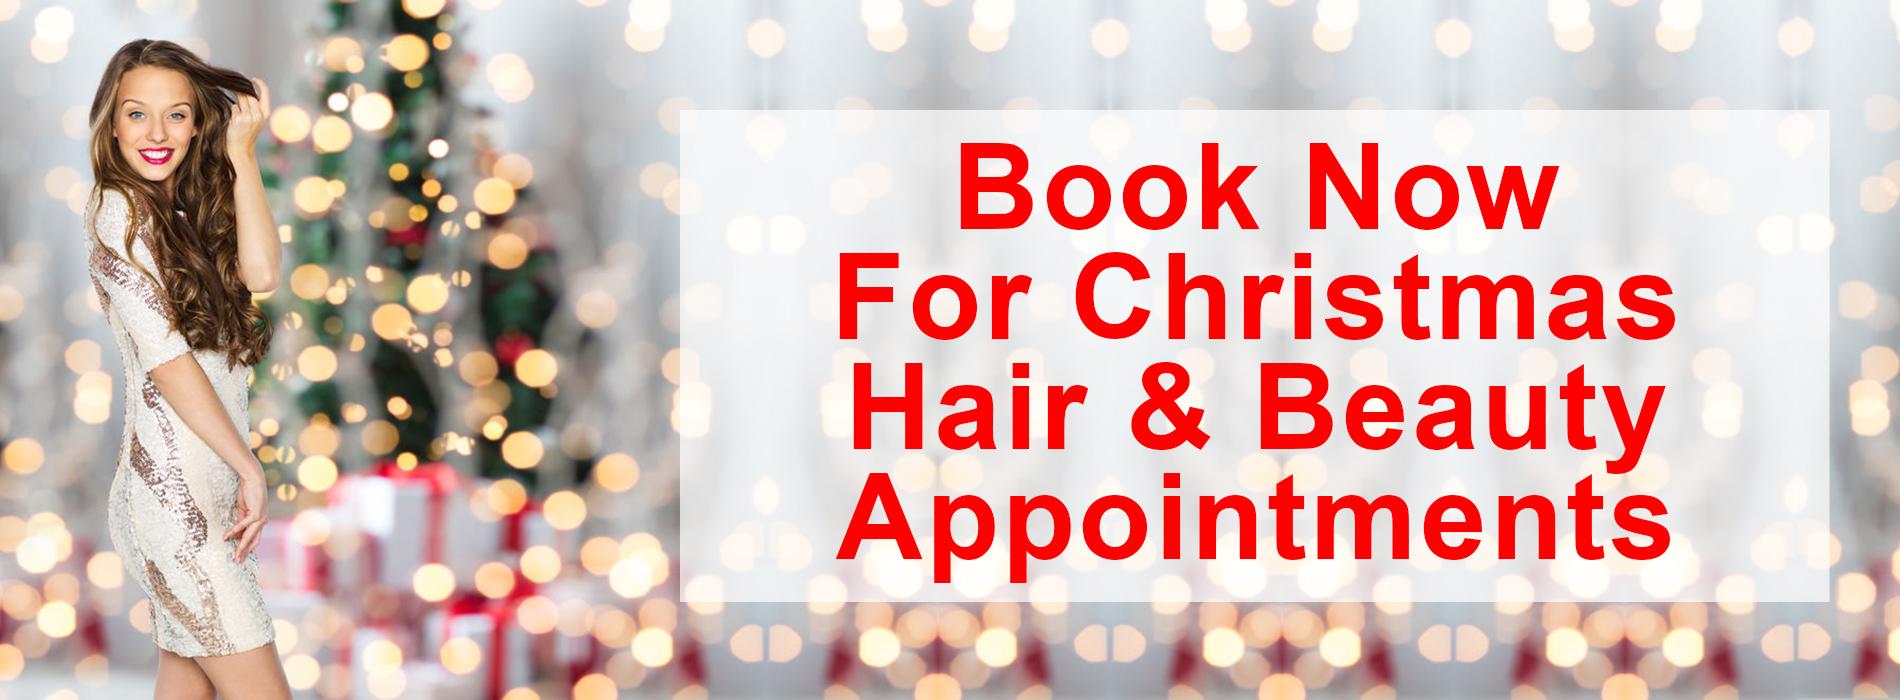 Book Now For Christmas Cheynes Hair & Beauty Salons, Edinburgh